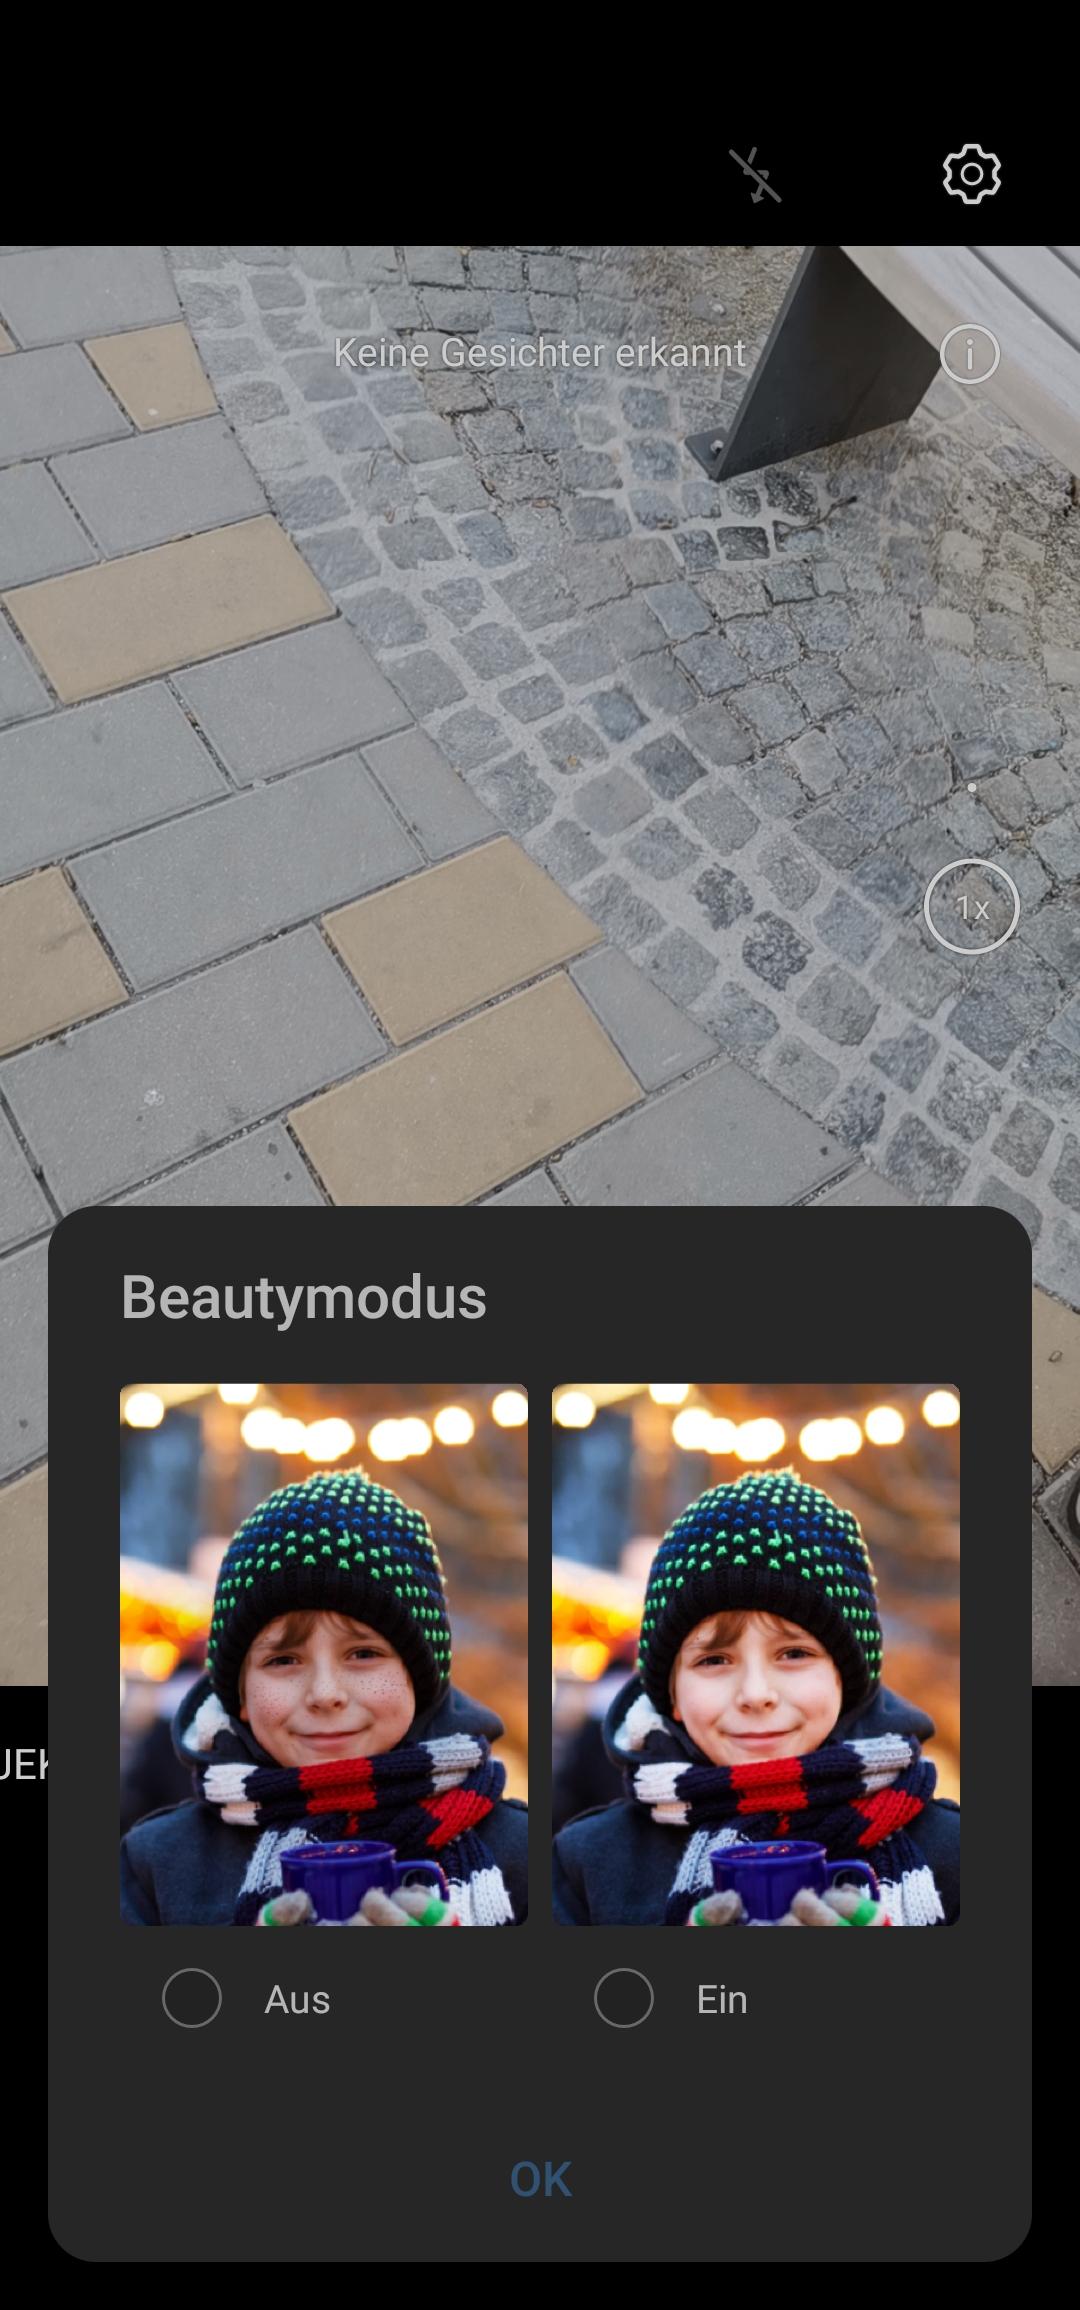 Beautymodus: besser deaktivieren